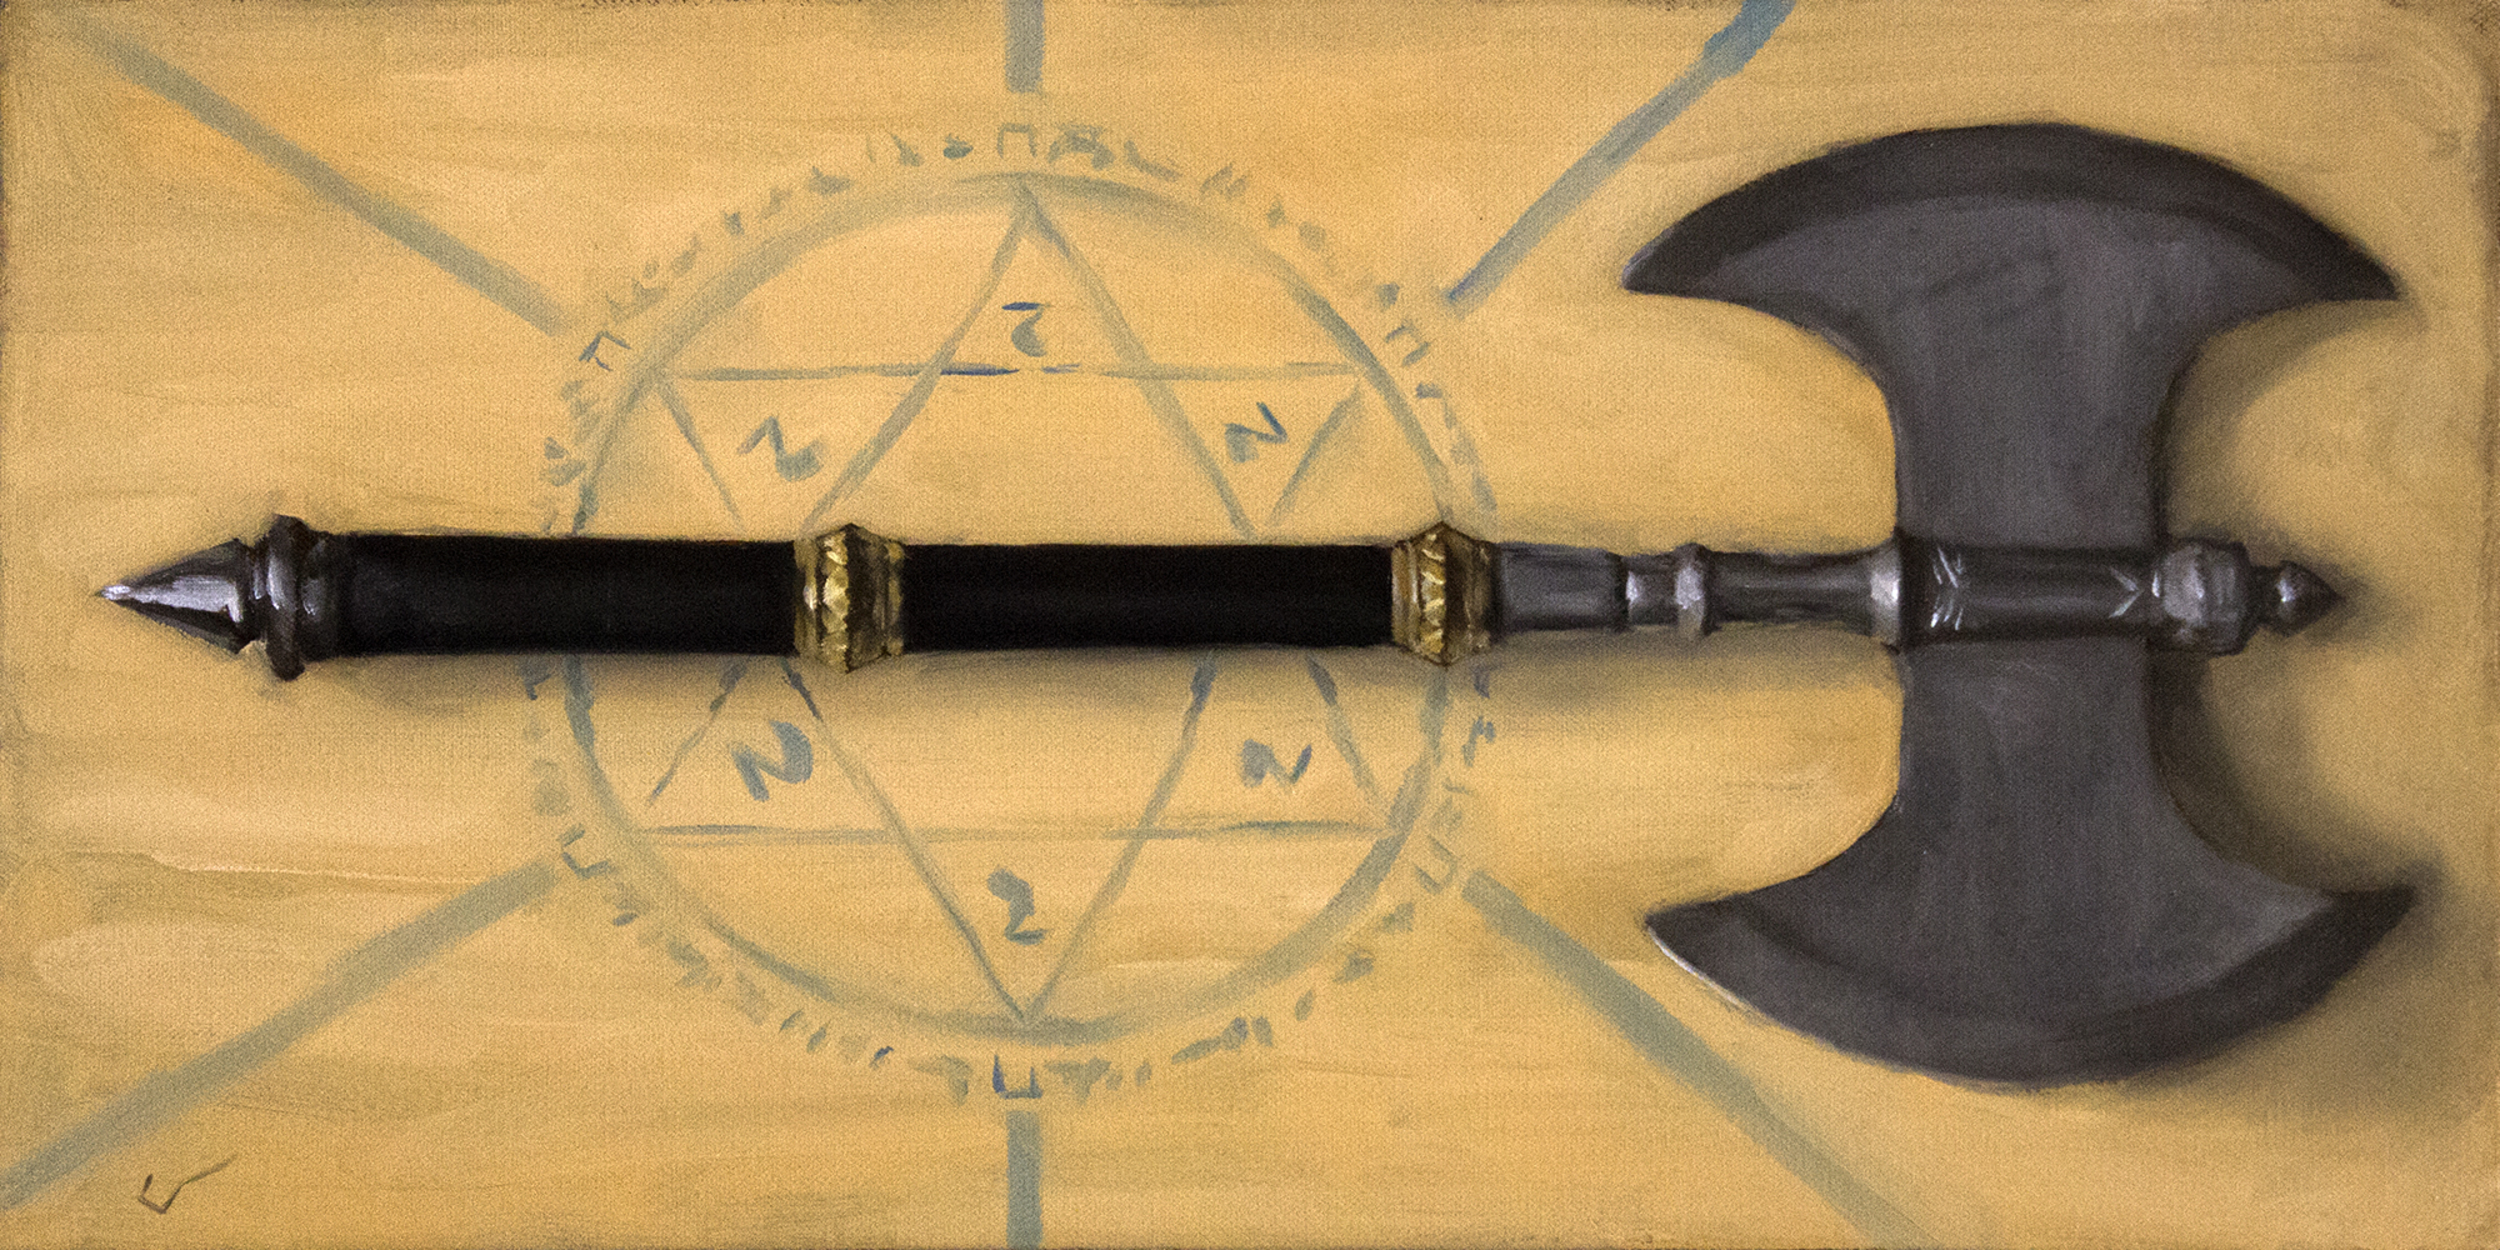 Rune Forged Axe Artwork by Bruno Galuzzi Corsini